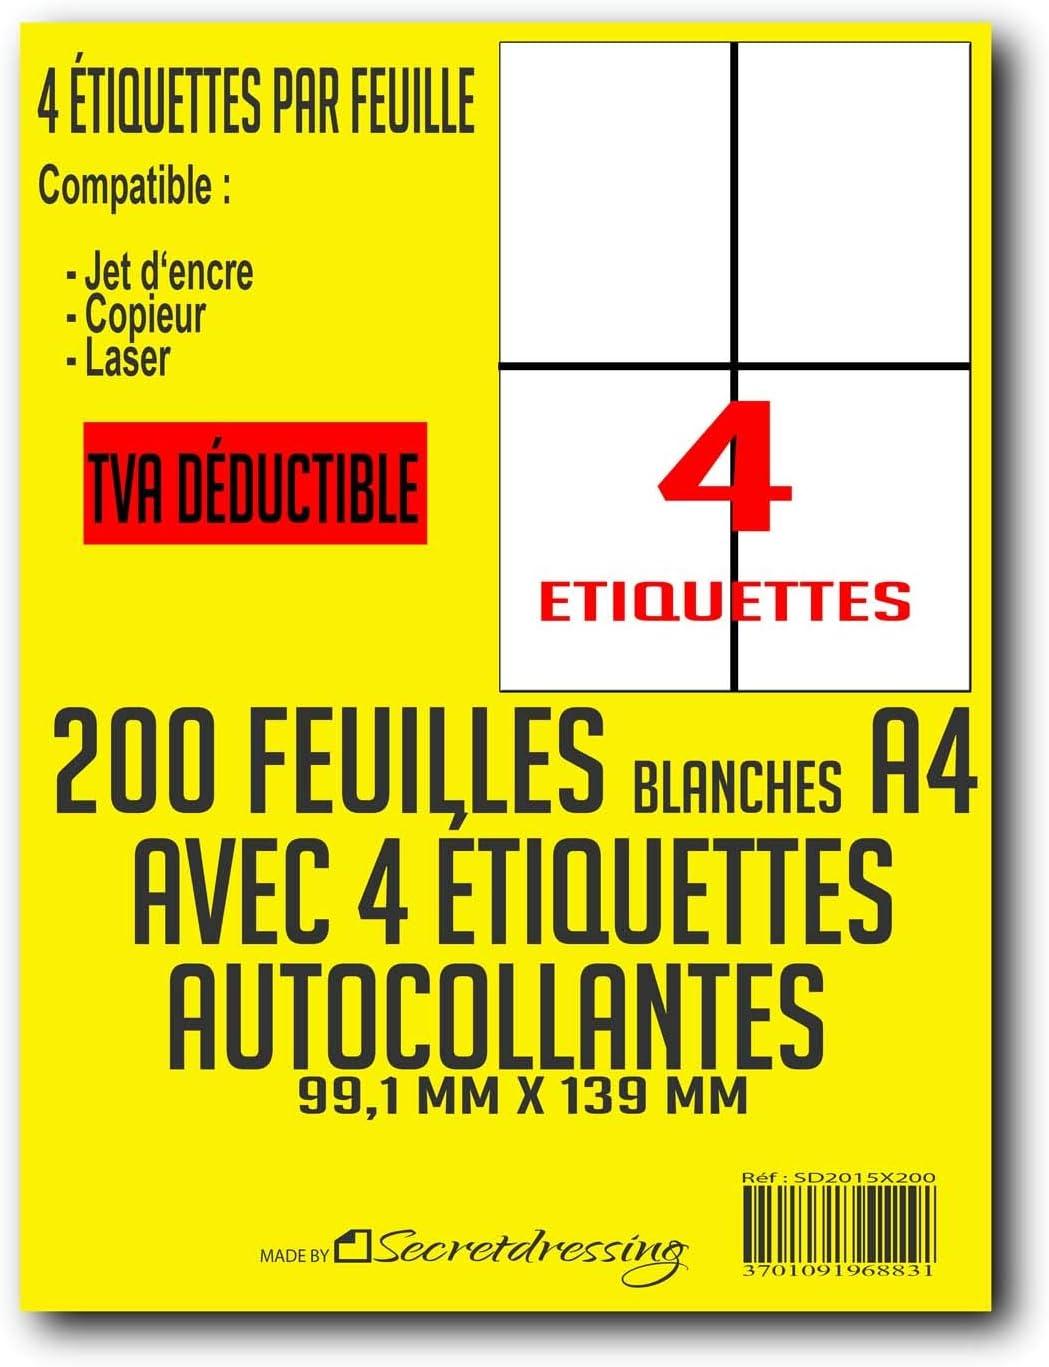 L7169 Fogli A4 di 4 etichette adesive in carta adesiva bianca IVA DEDUCTIBLE 50 feuilles codice a barre indirizzi mailing 99,1 x 139 mm